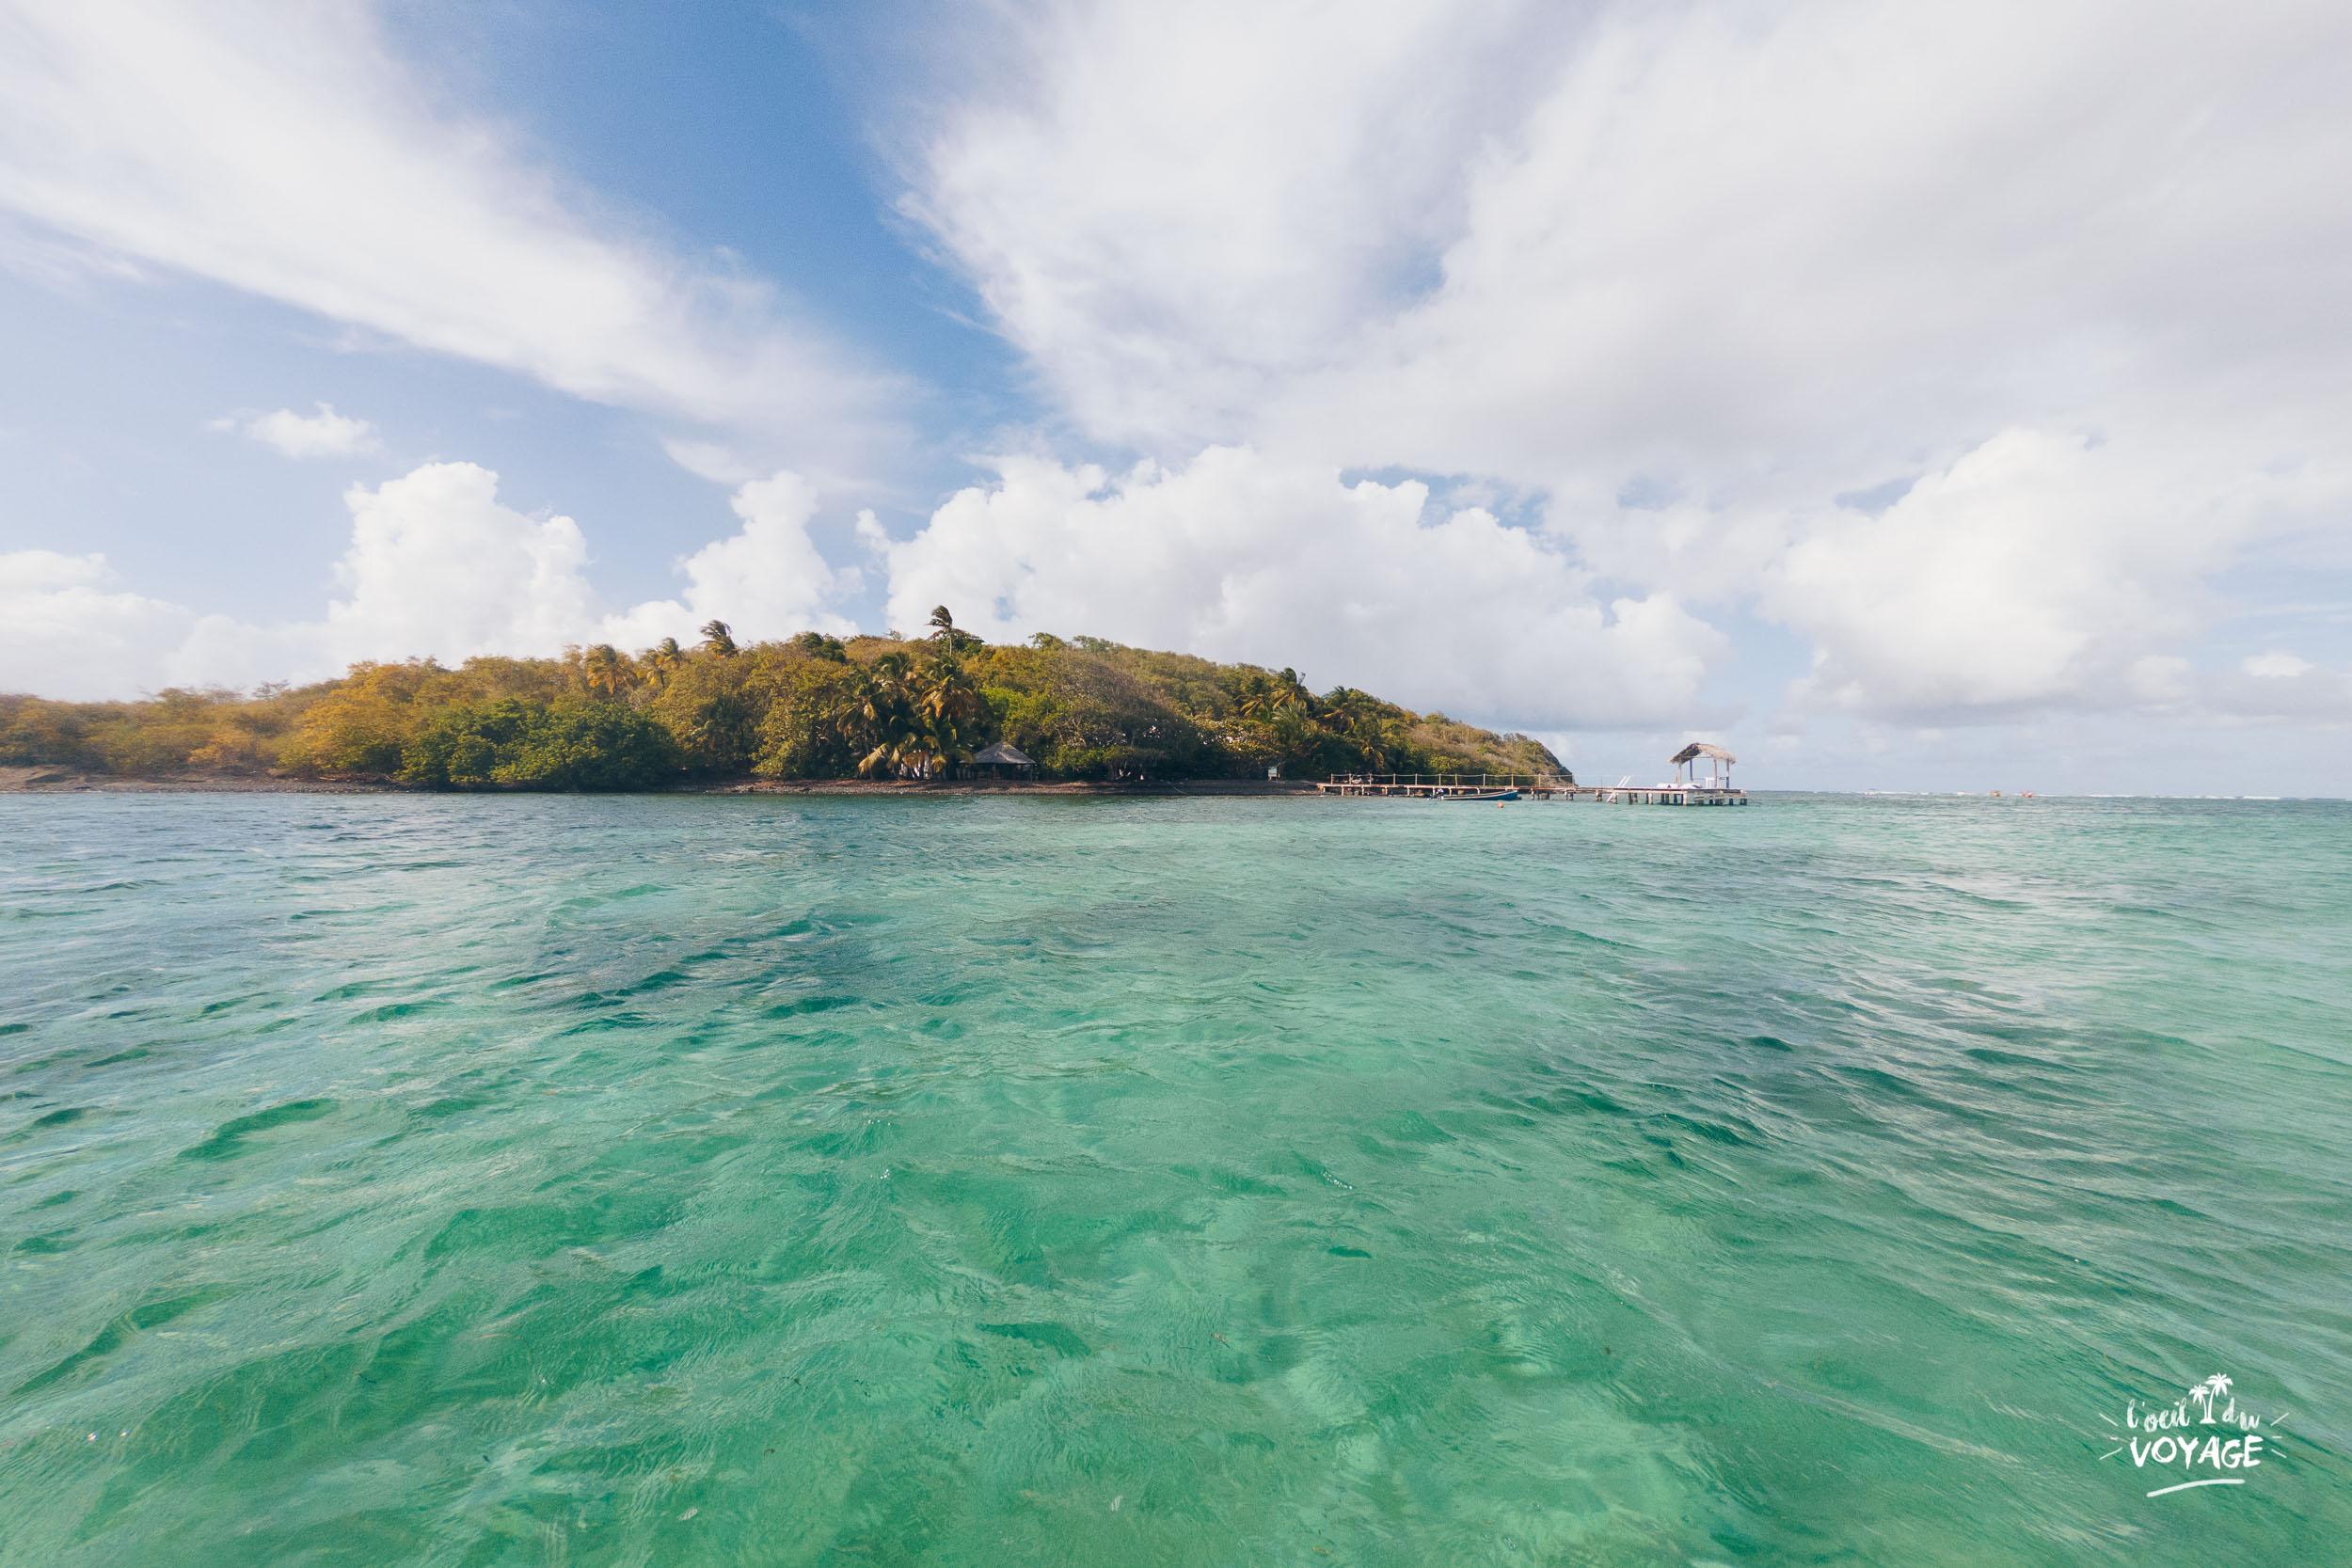 îlet madame martinique, baignoire de joséphine avec denis, l'oeil du voyage, best french travel blogger